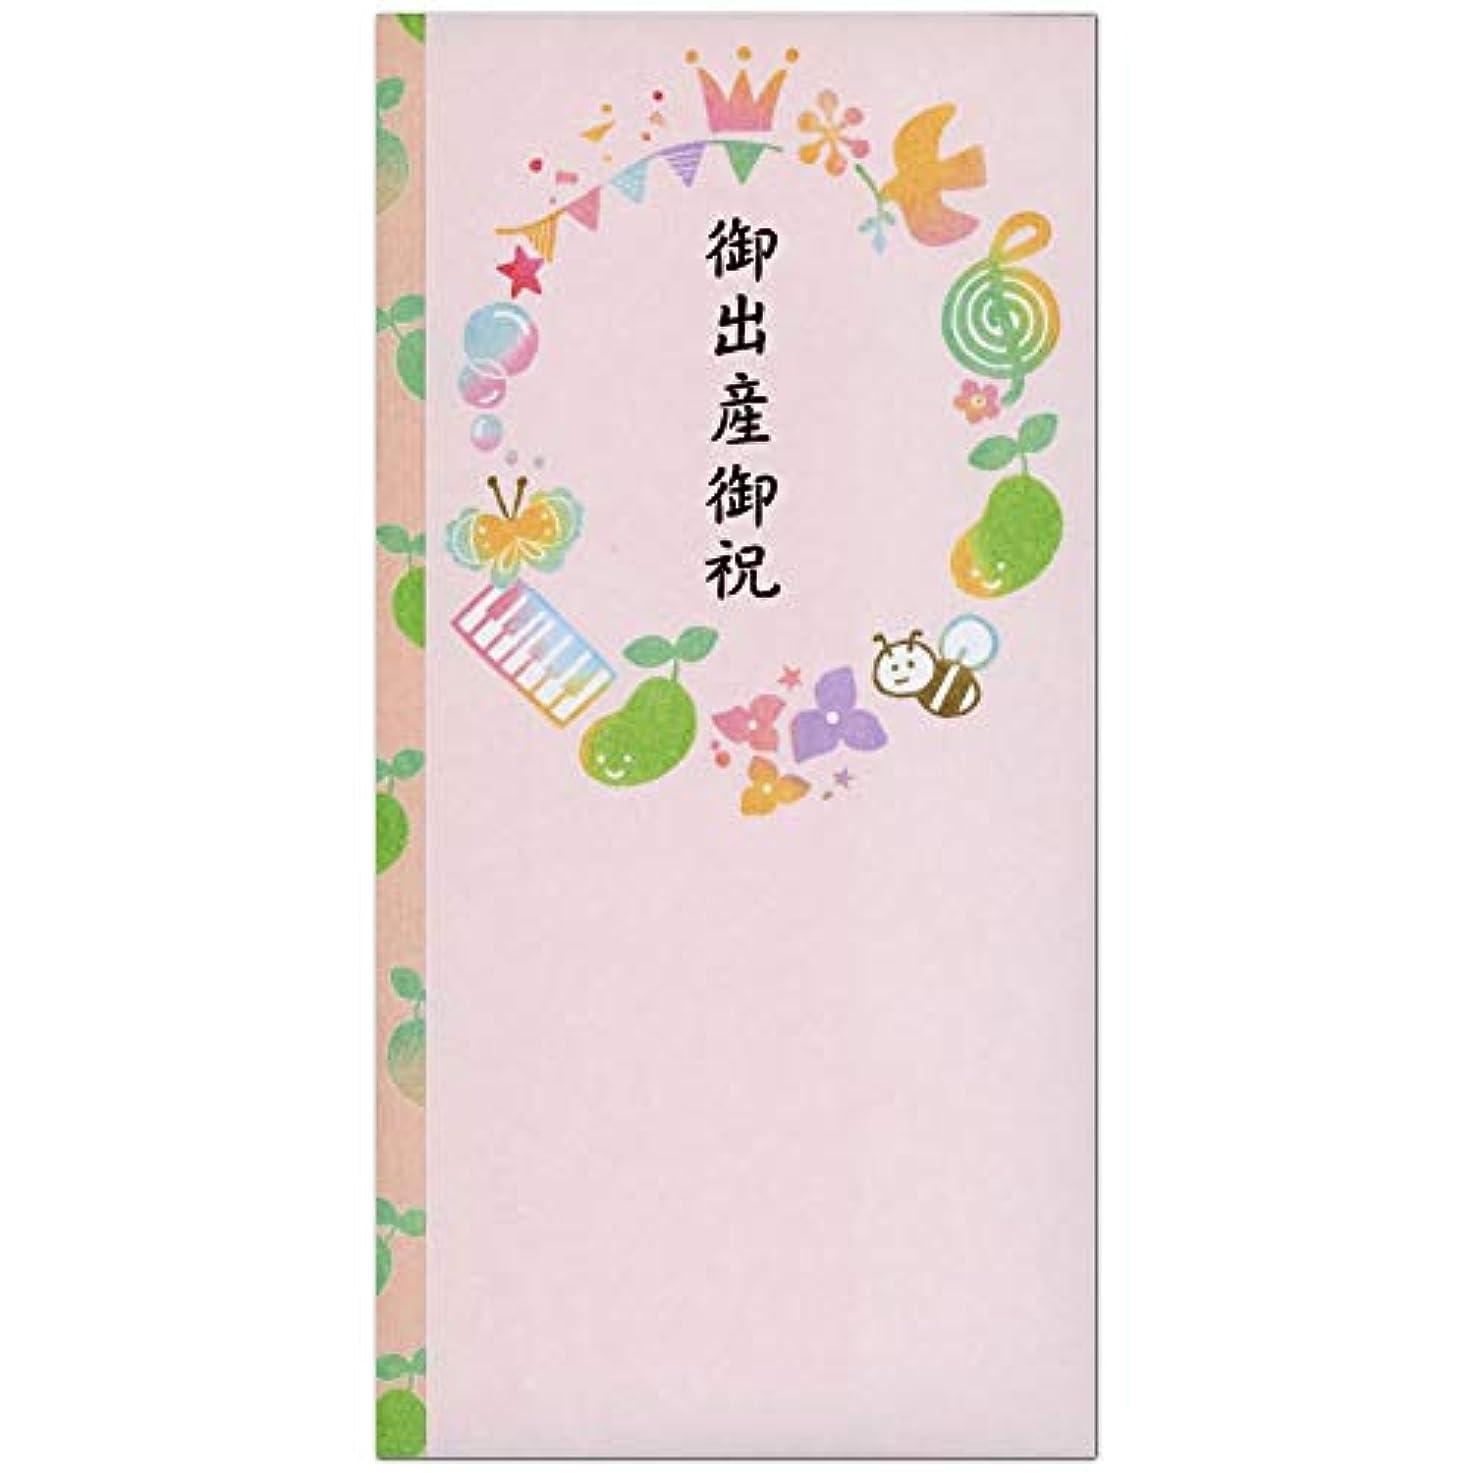 繁栄するエイズ不確実フロンティア 祝儀袋 出産祝 はんこ新芽 SG−183 ピンク